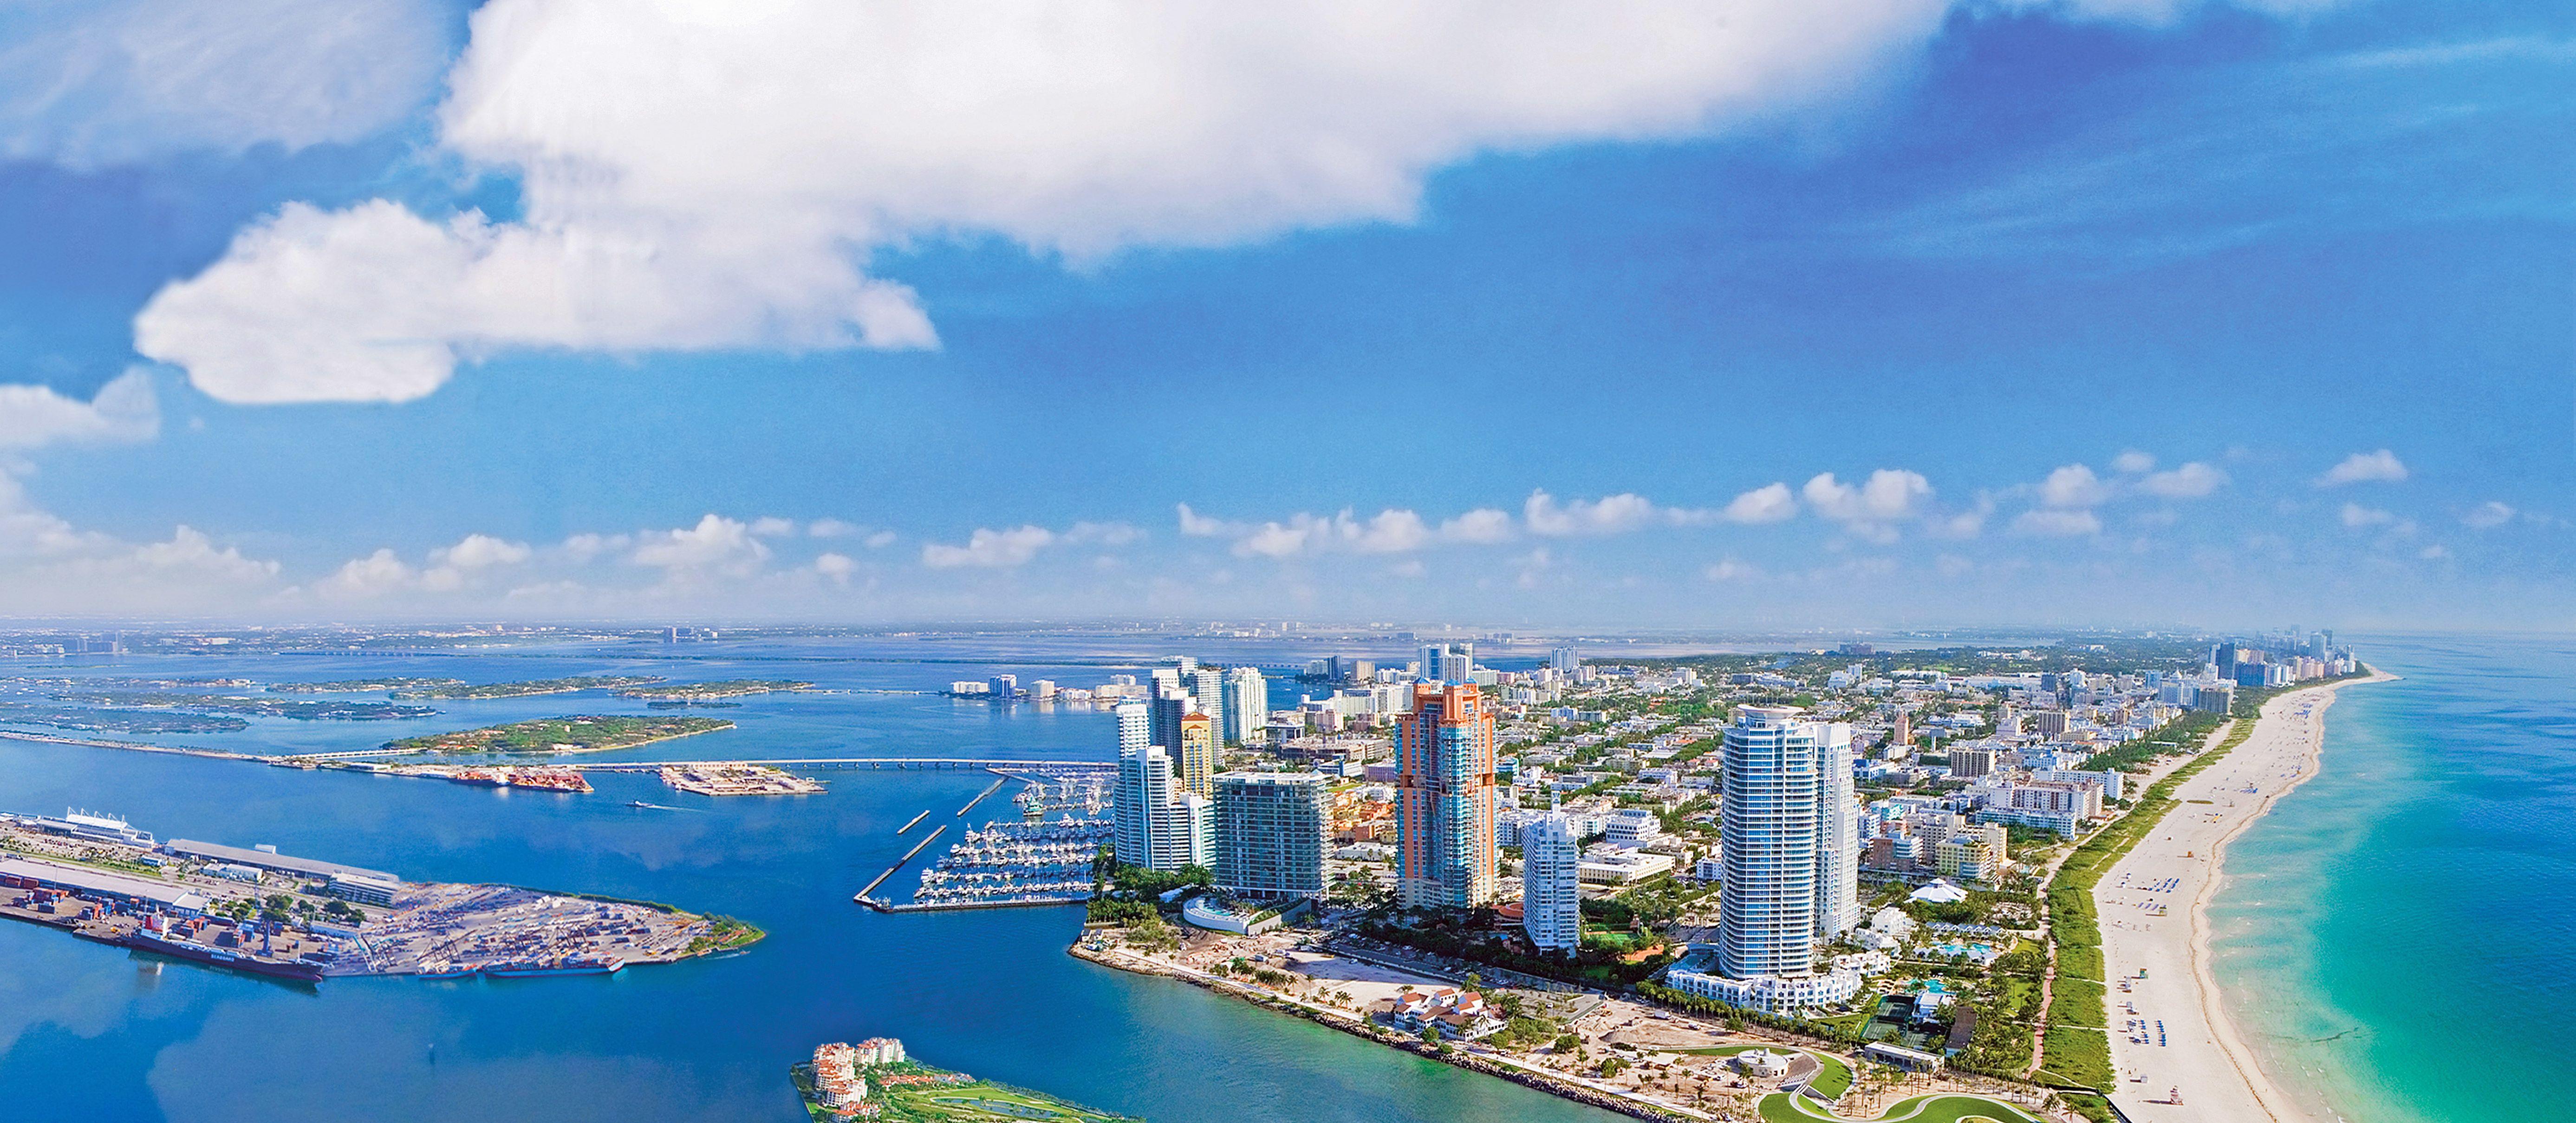 Panoramaansicht von Miami